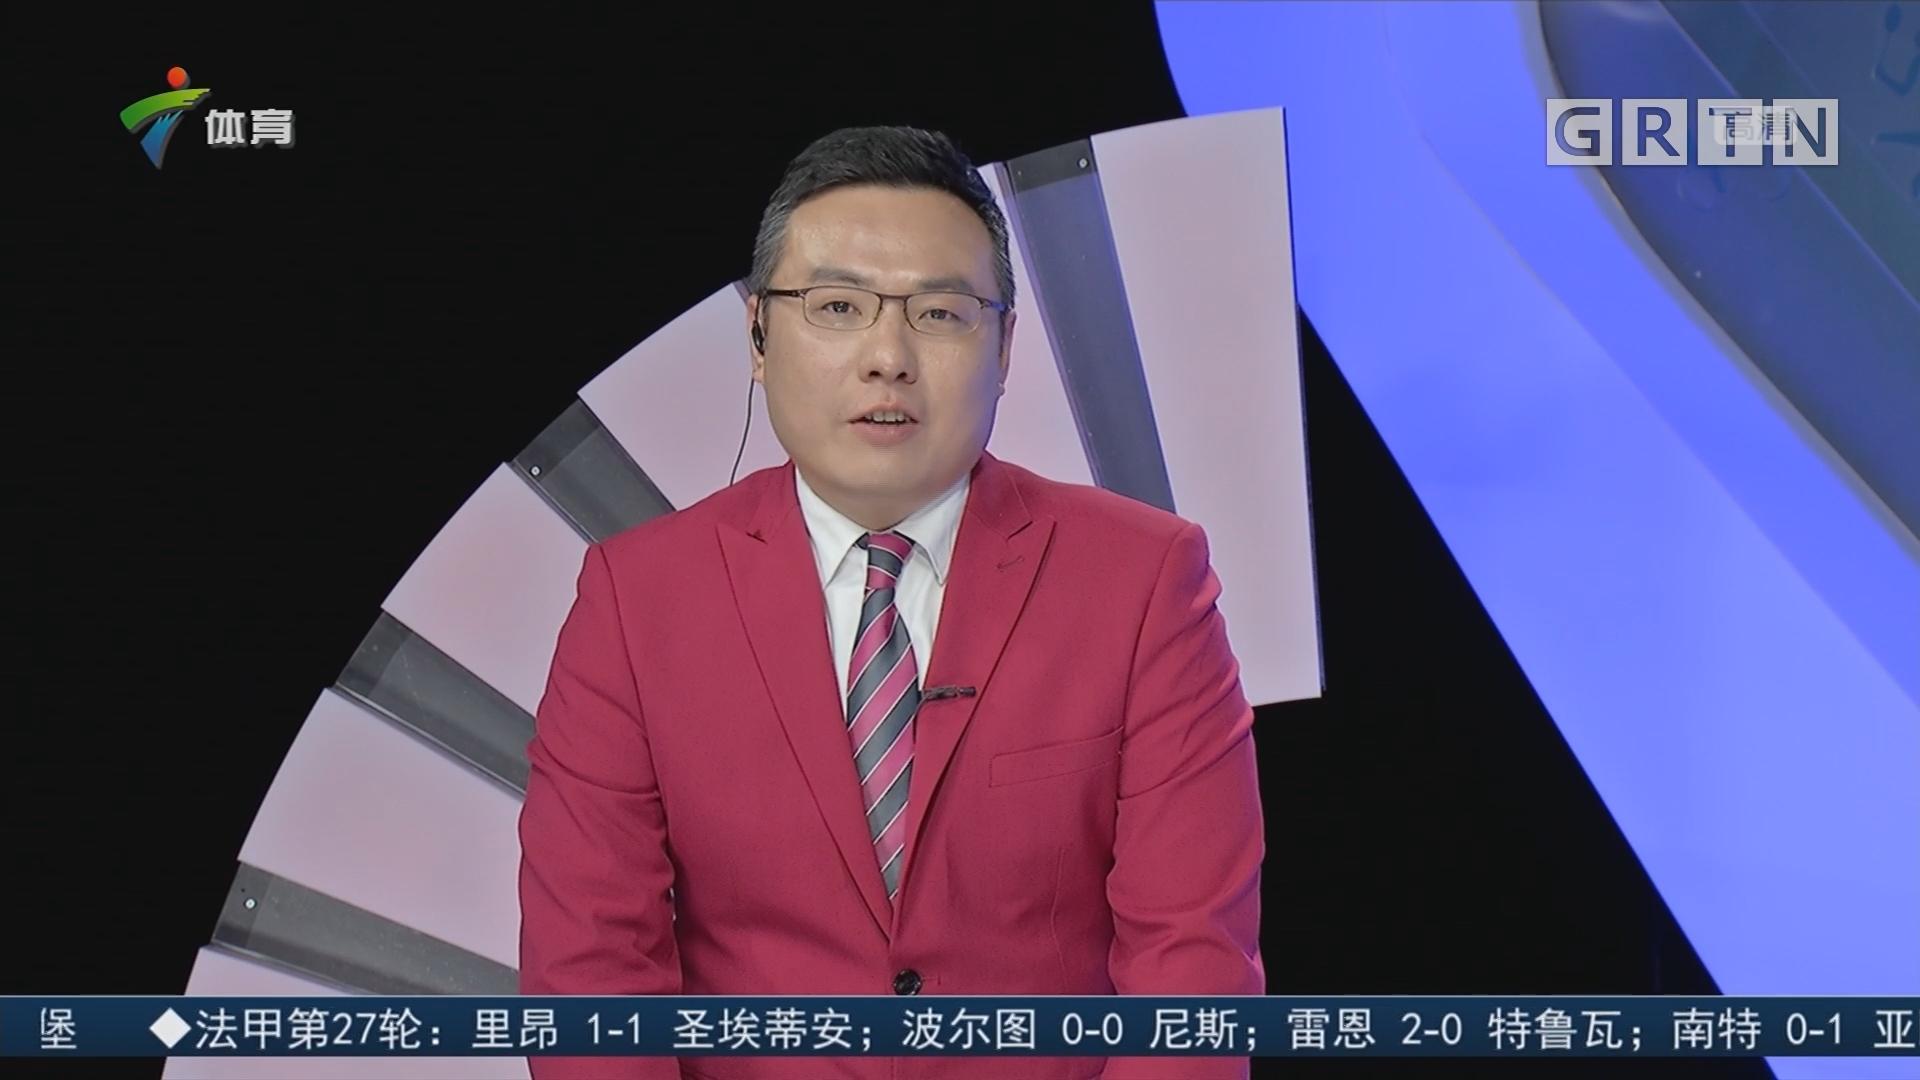 广东体育频道足球评述员周维嘉:扎哈维续约